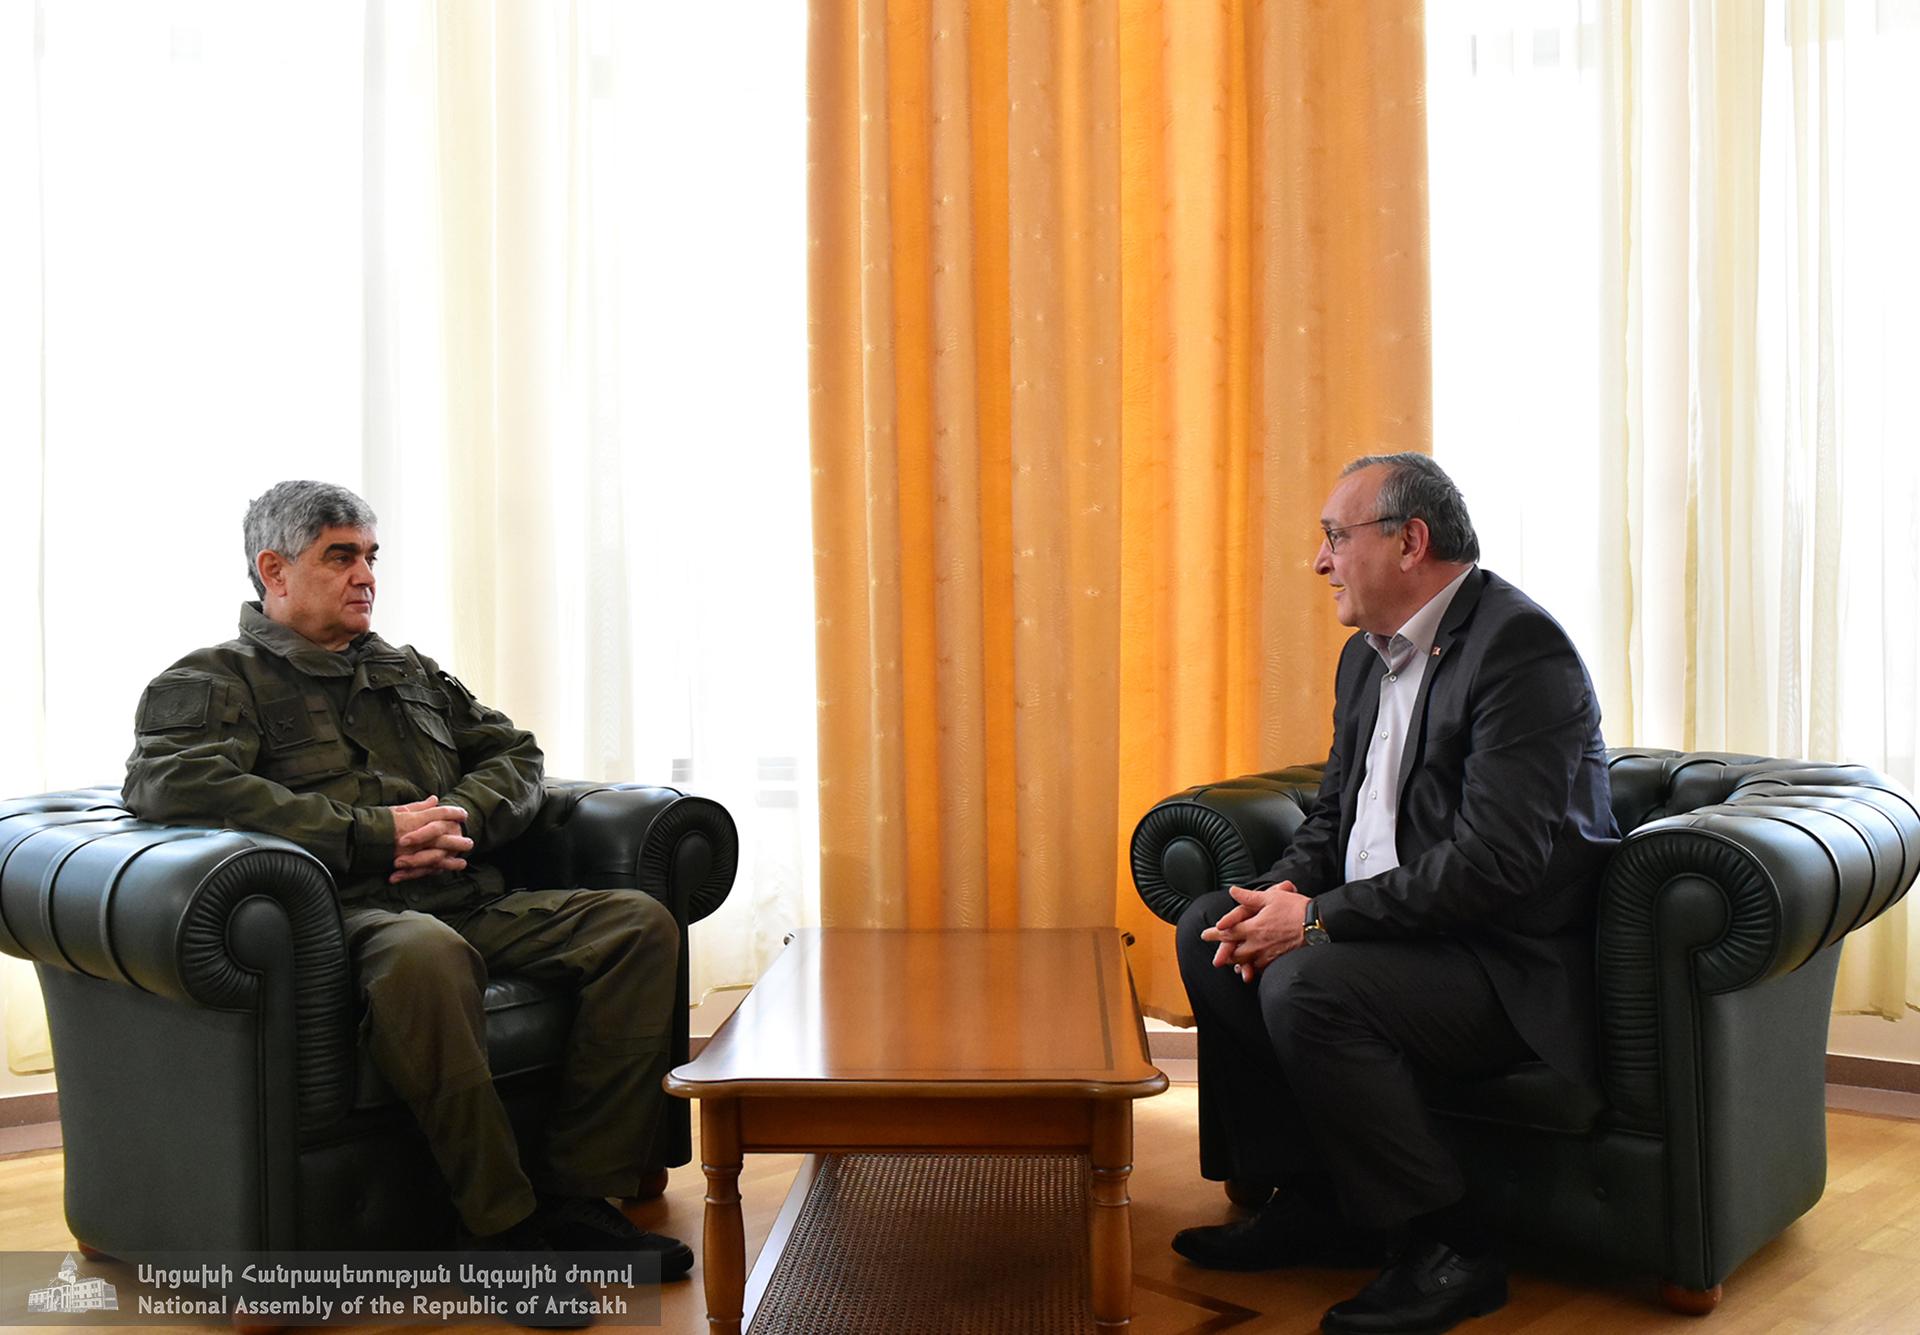 Photo of Աժ նախագահ Արթուր Թովմասյանն ընդունել է ԱՀ Անվտանգության խորհրդի քարտուղար Վիտալի Բալասանյանին